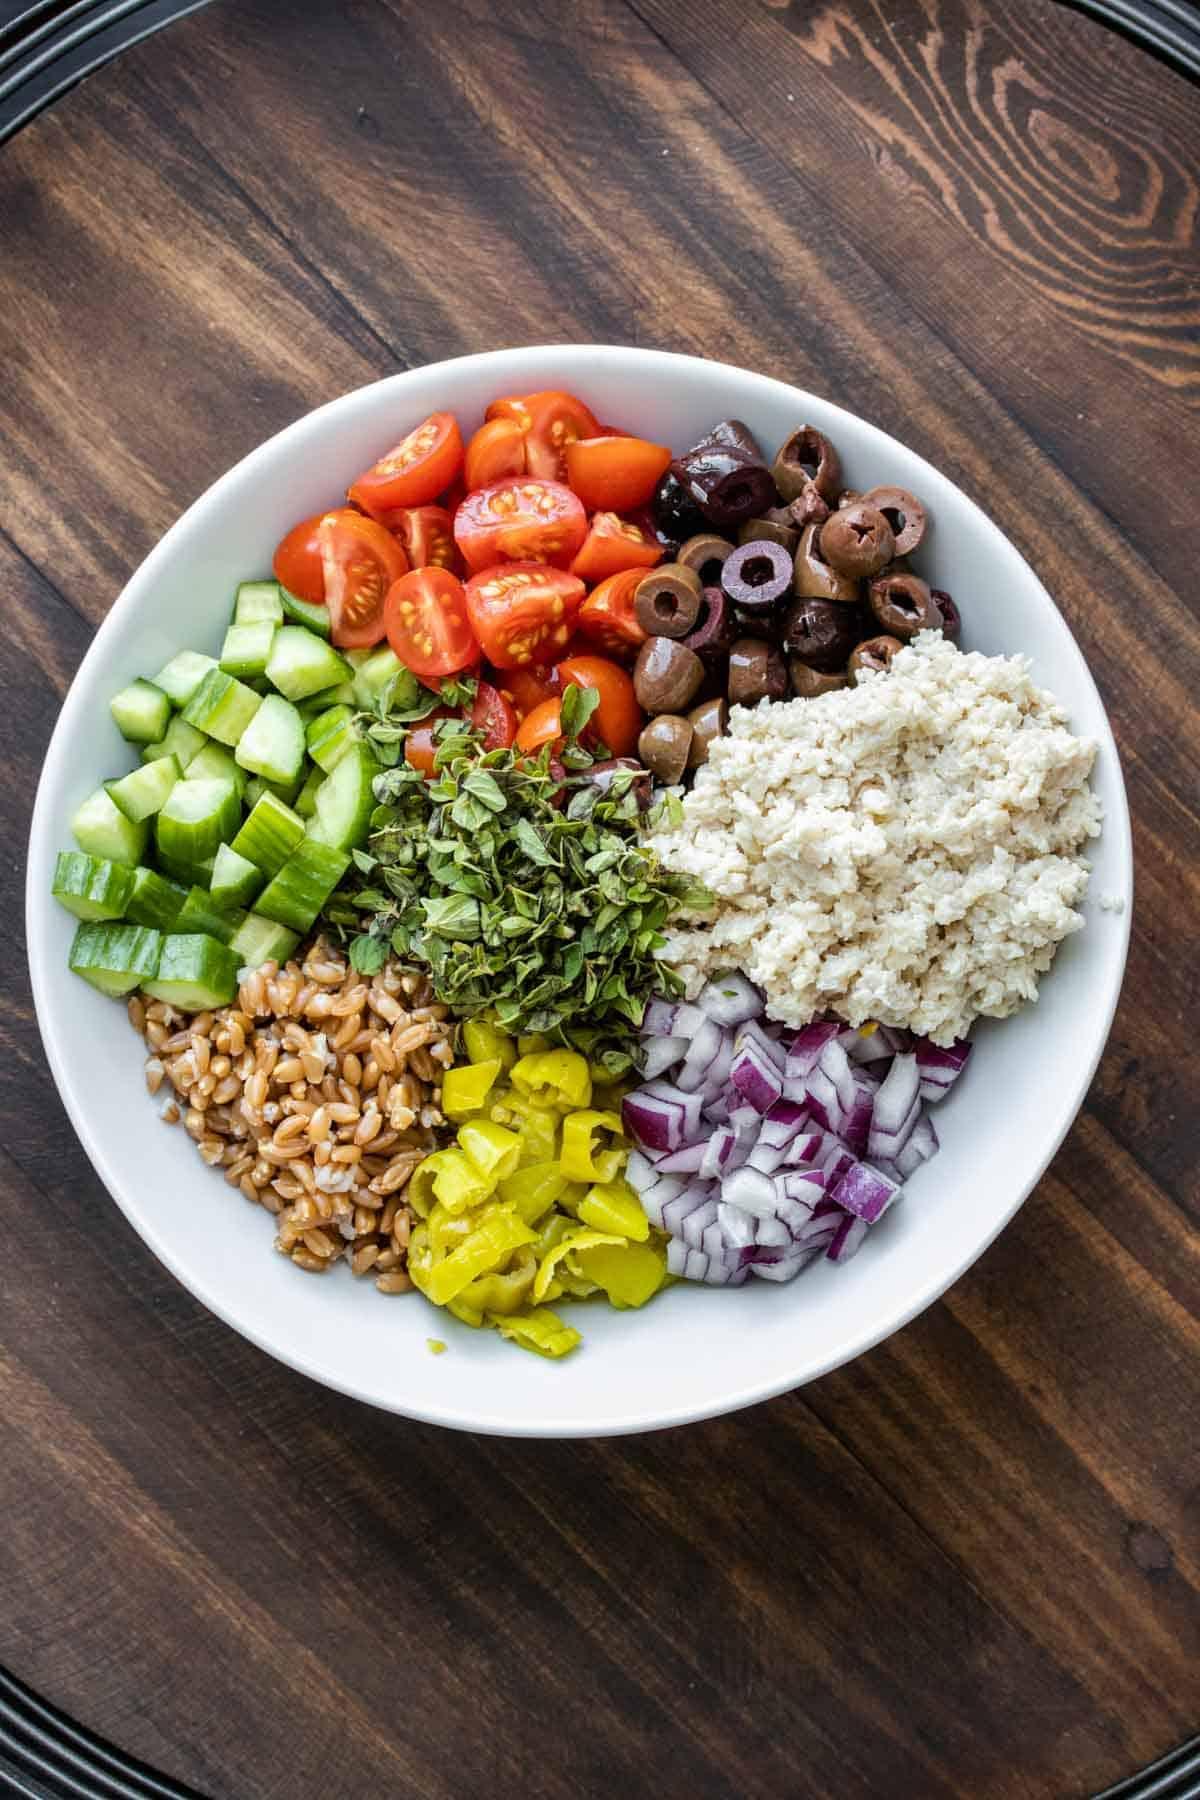 White bowl with farro, veggies and vegan feta in piles